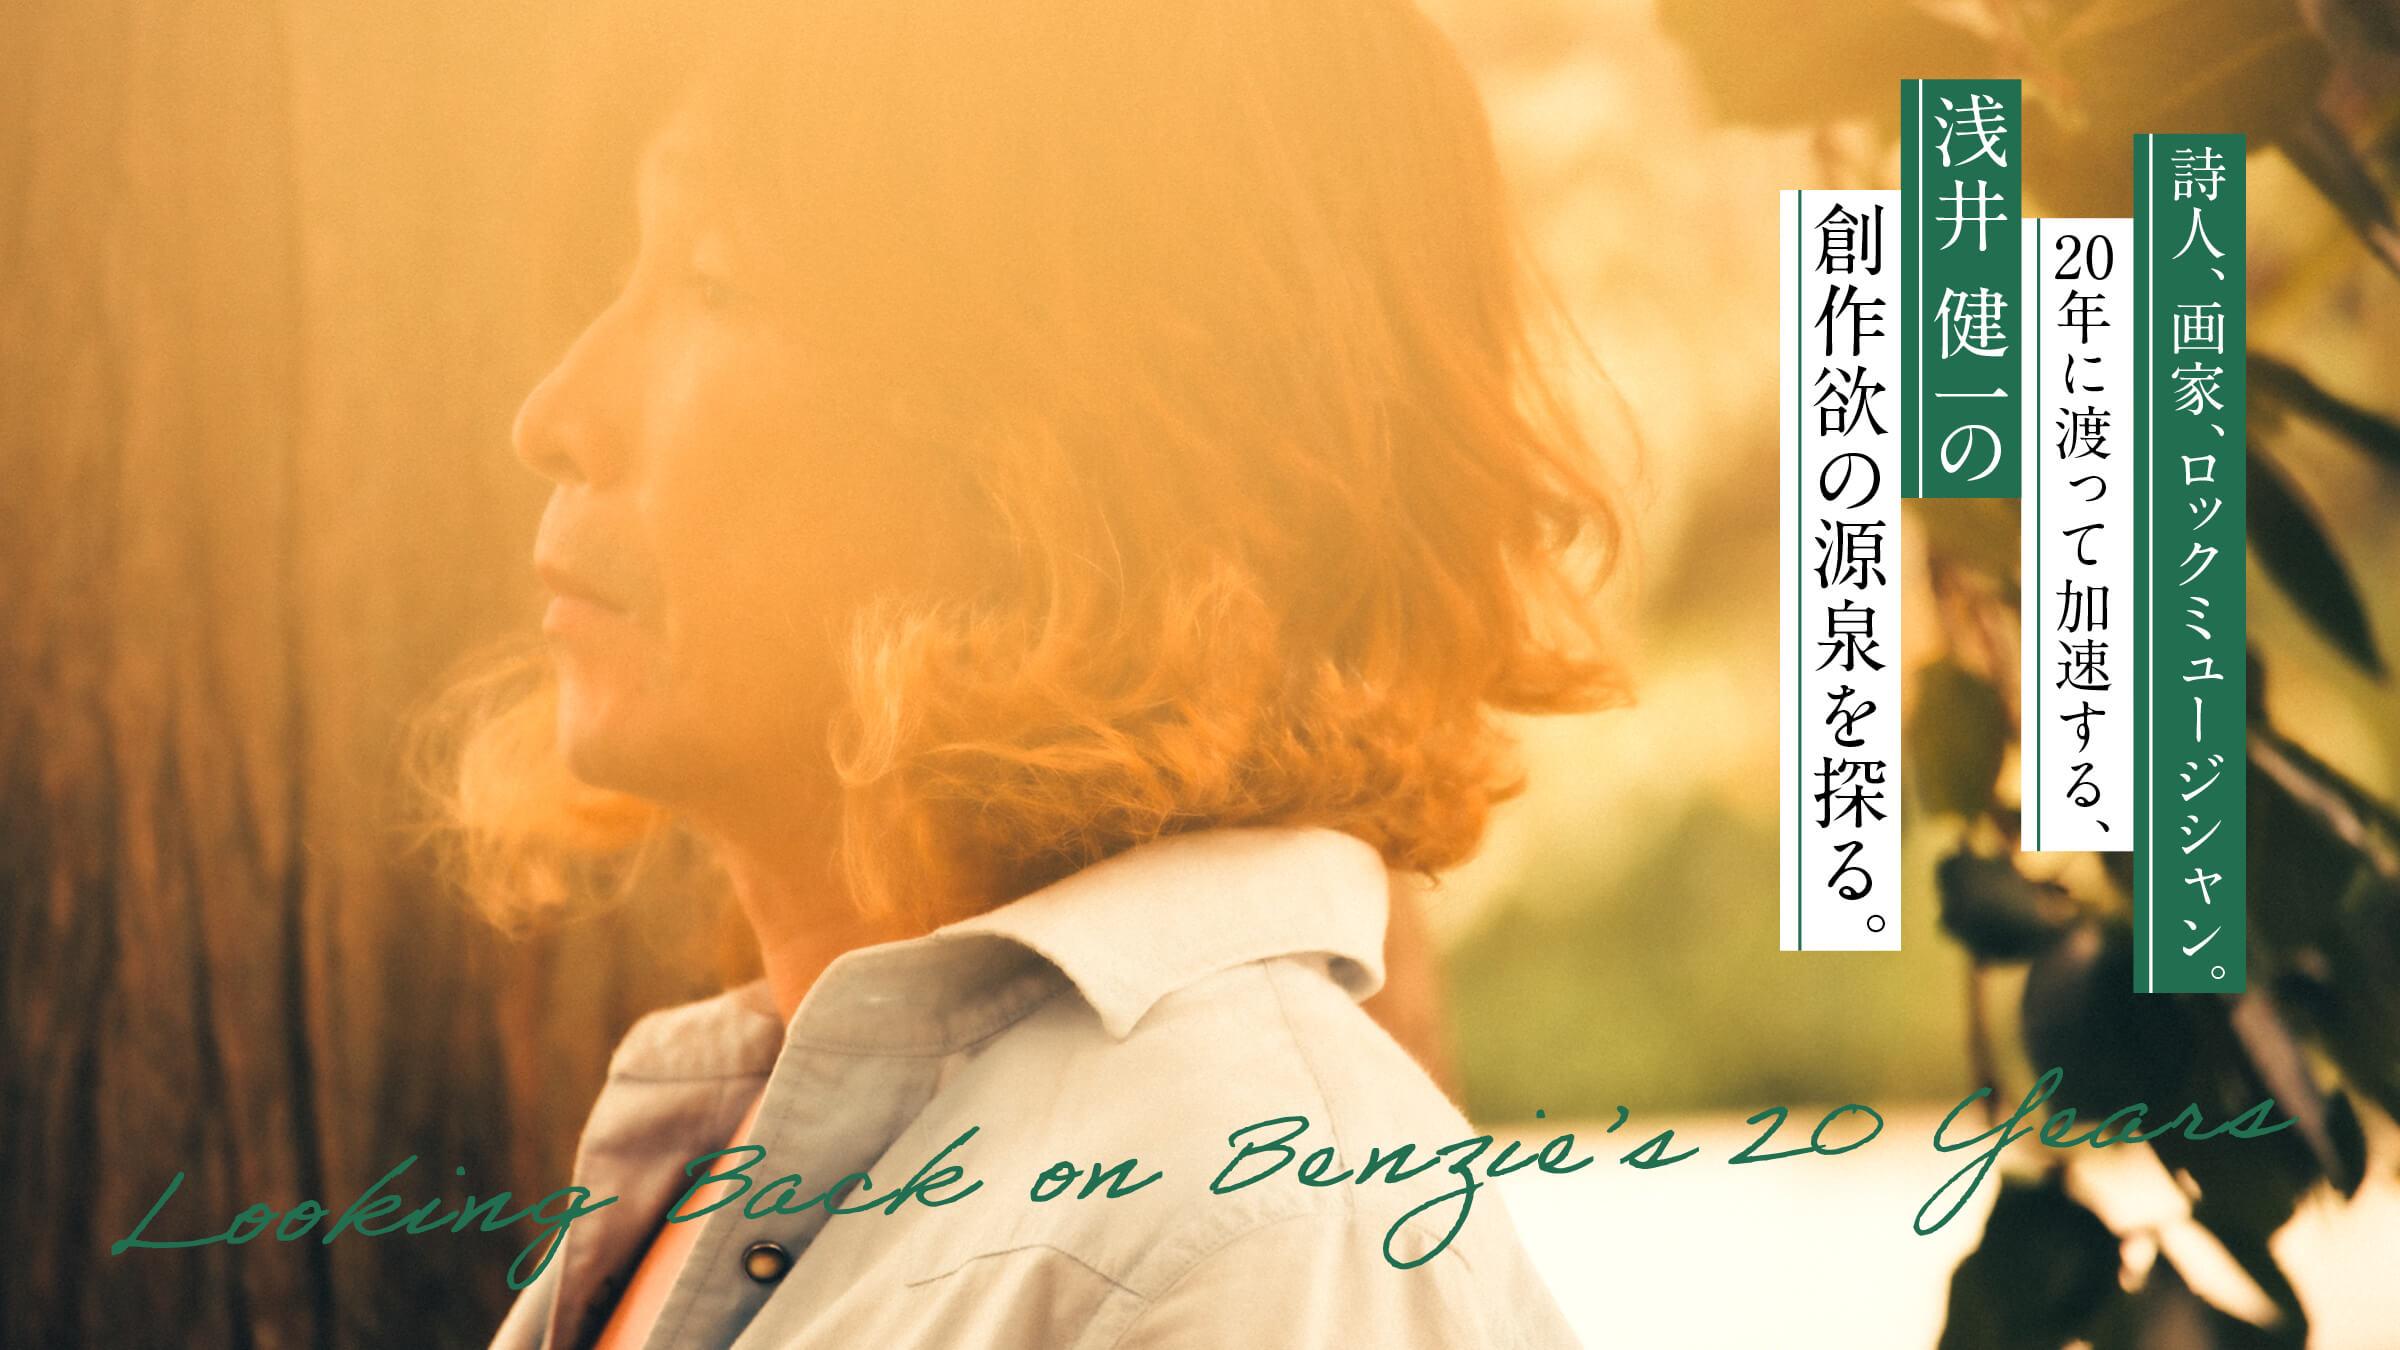 詩人、画家、ロックミュージシャン。20年に渡って加速する、浅井健一の創作欲の源泉を探る。